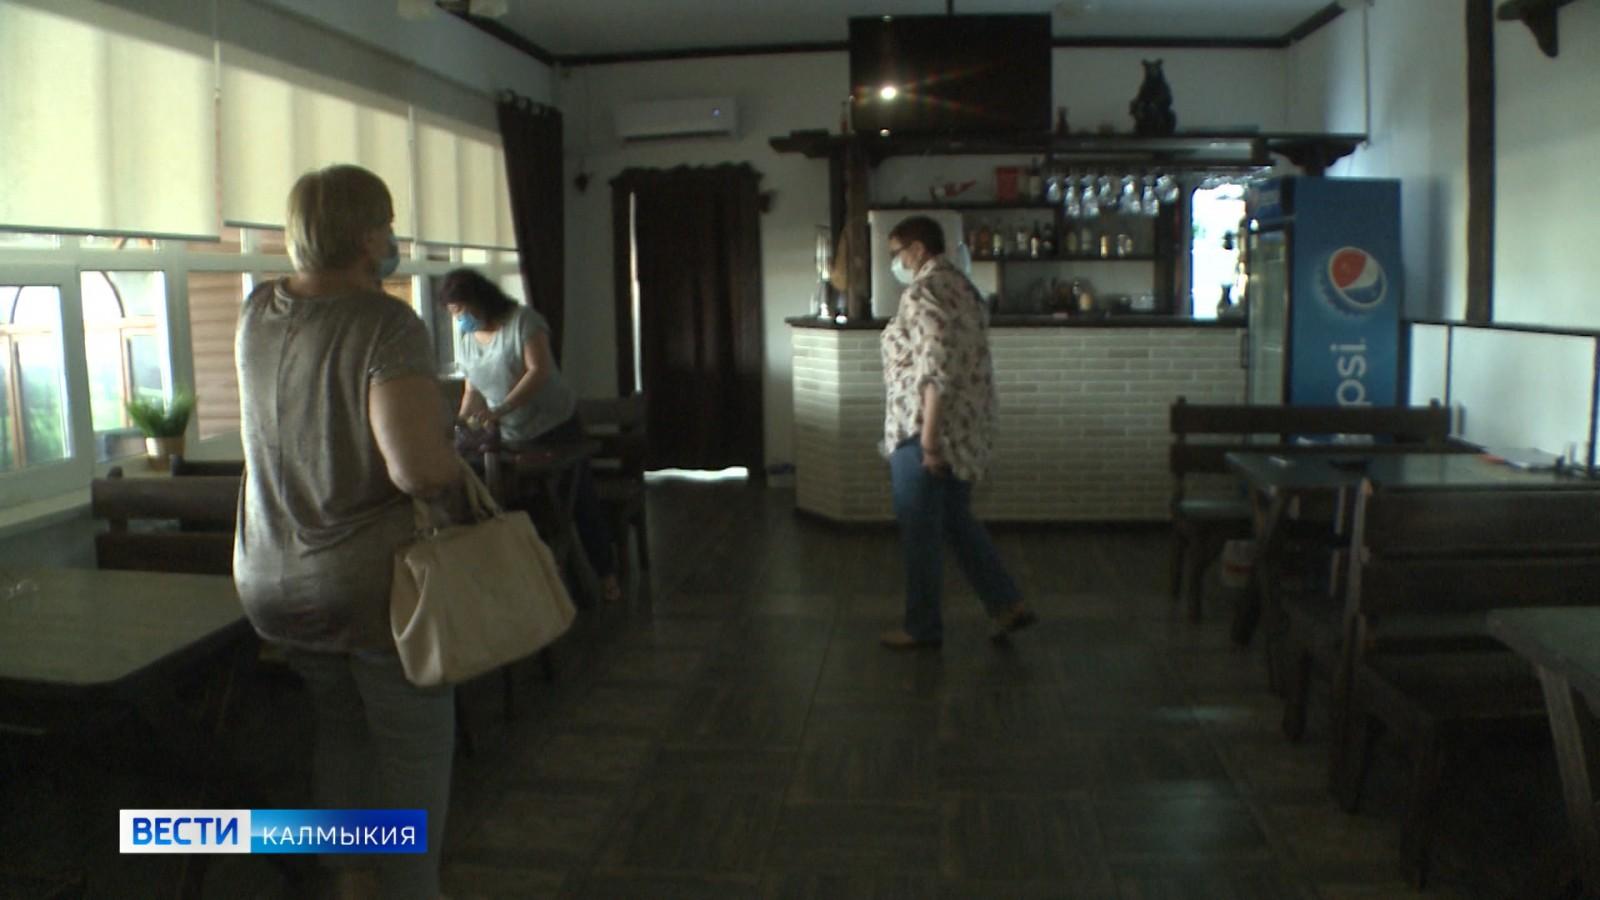 Предприятиям общественного питания все ещё запрещено принимать посетителей